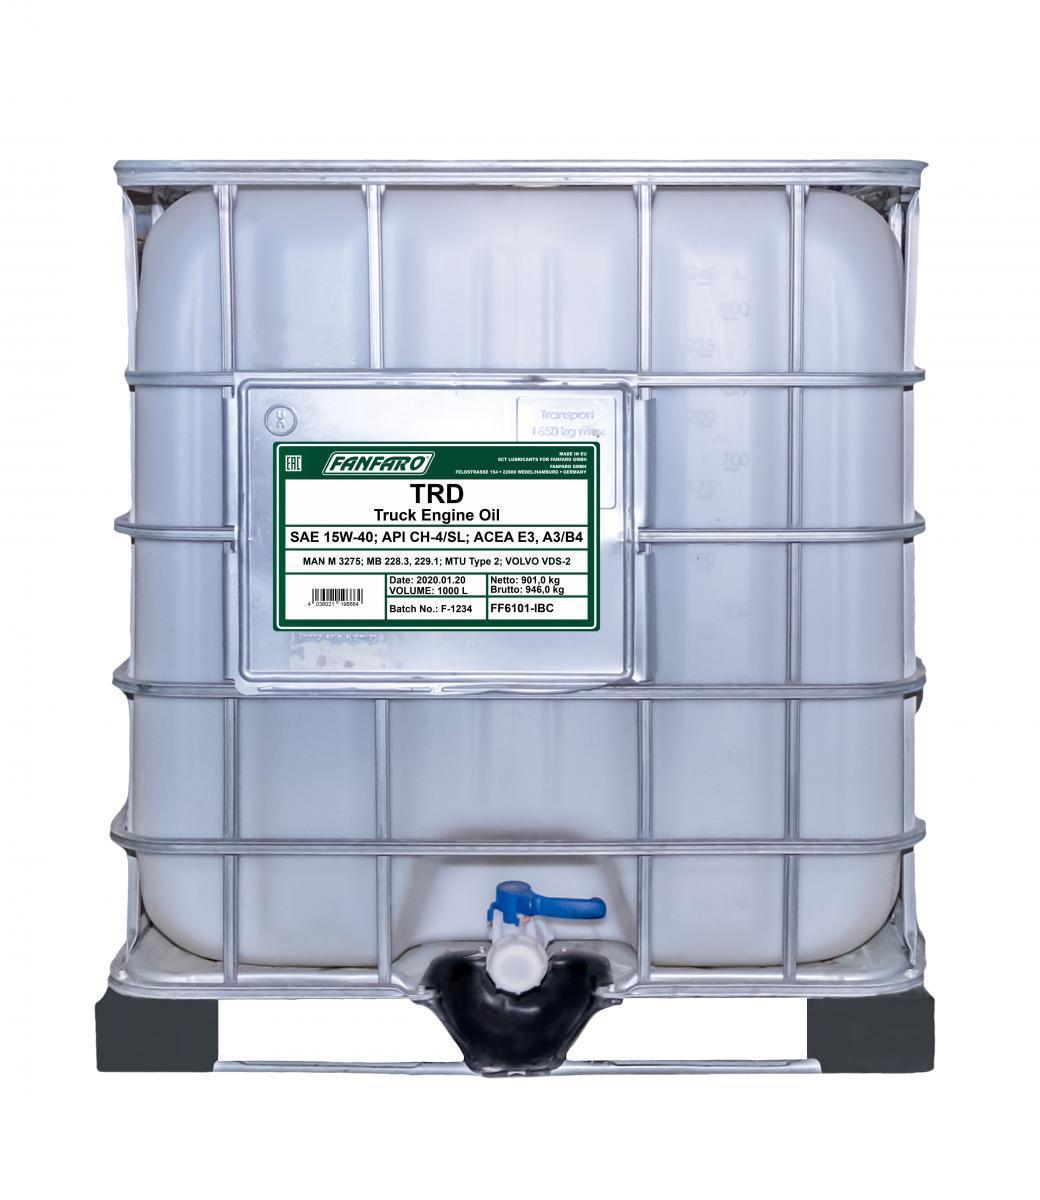 FF6101-IBC FANFARO SHPD, TRD 15W-40, 1000l, Mineralöl Motoröl FF6101-IBC günstig kaufen